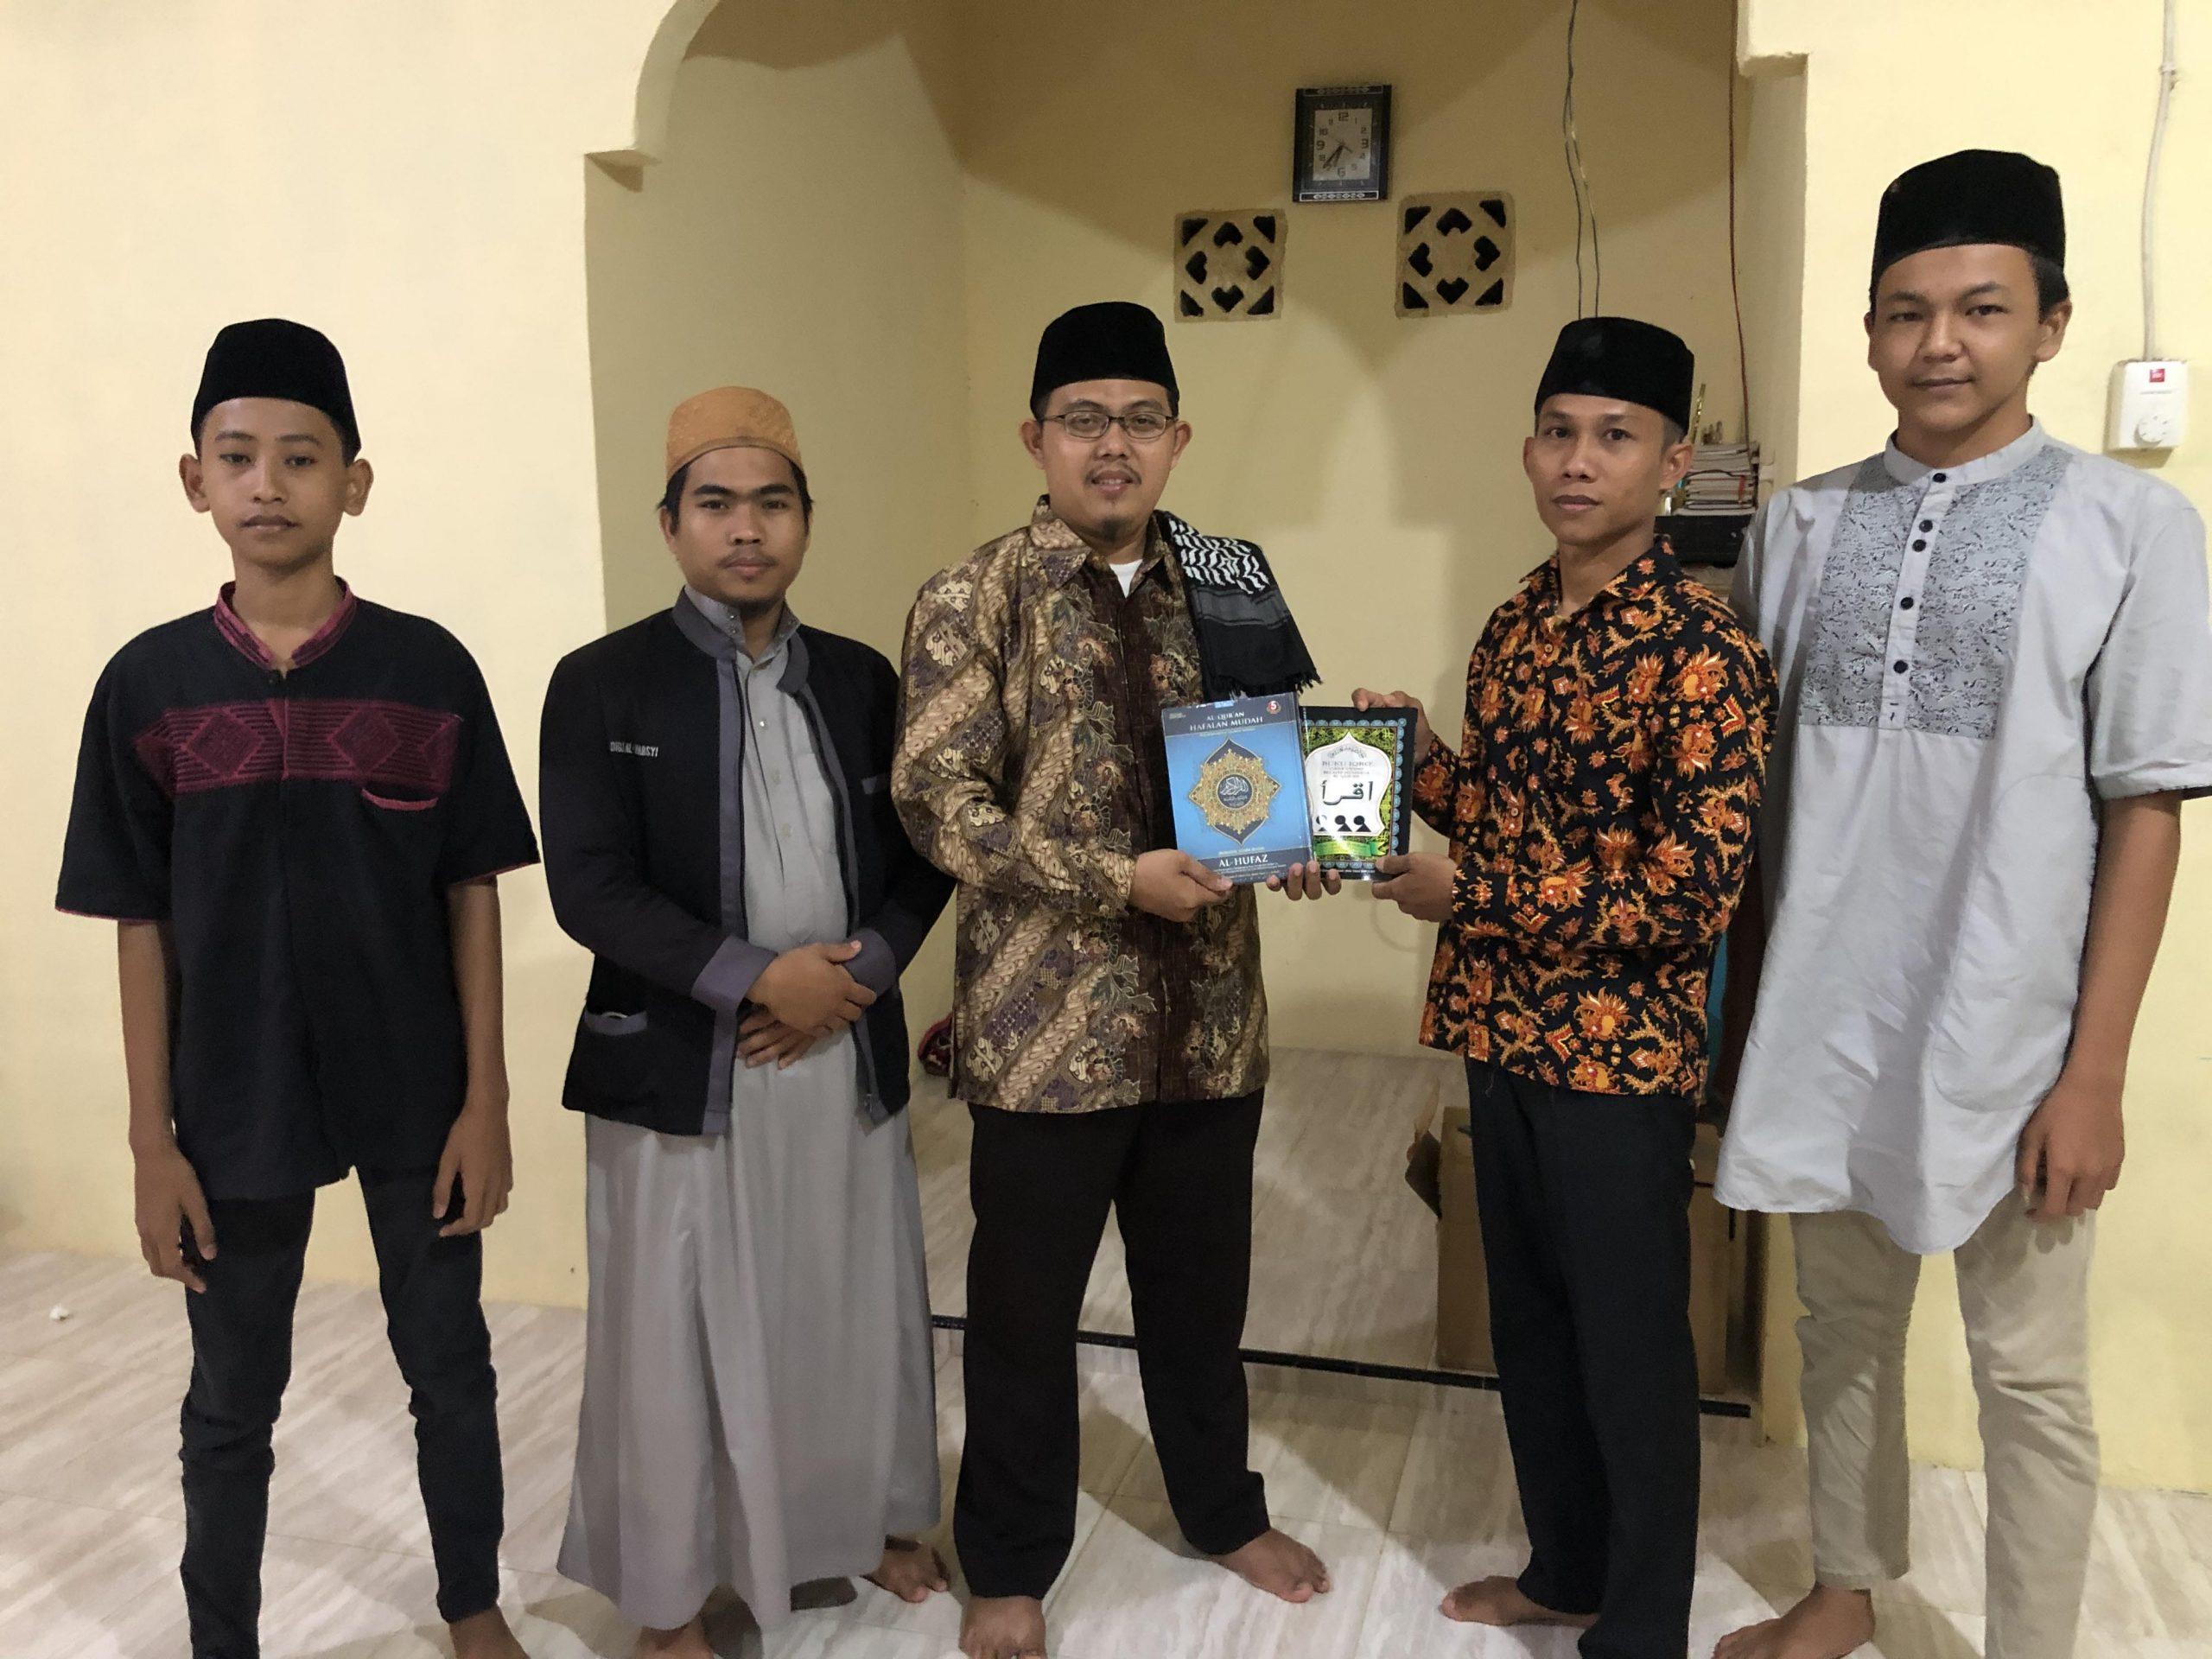 Laporan Penyaluran Wakaf Al-Qur'an ke Desa Rumbio, Kec. Kampar, Kab. Kampar (23/11/2020)